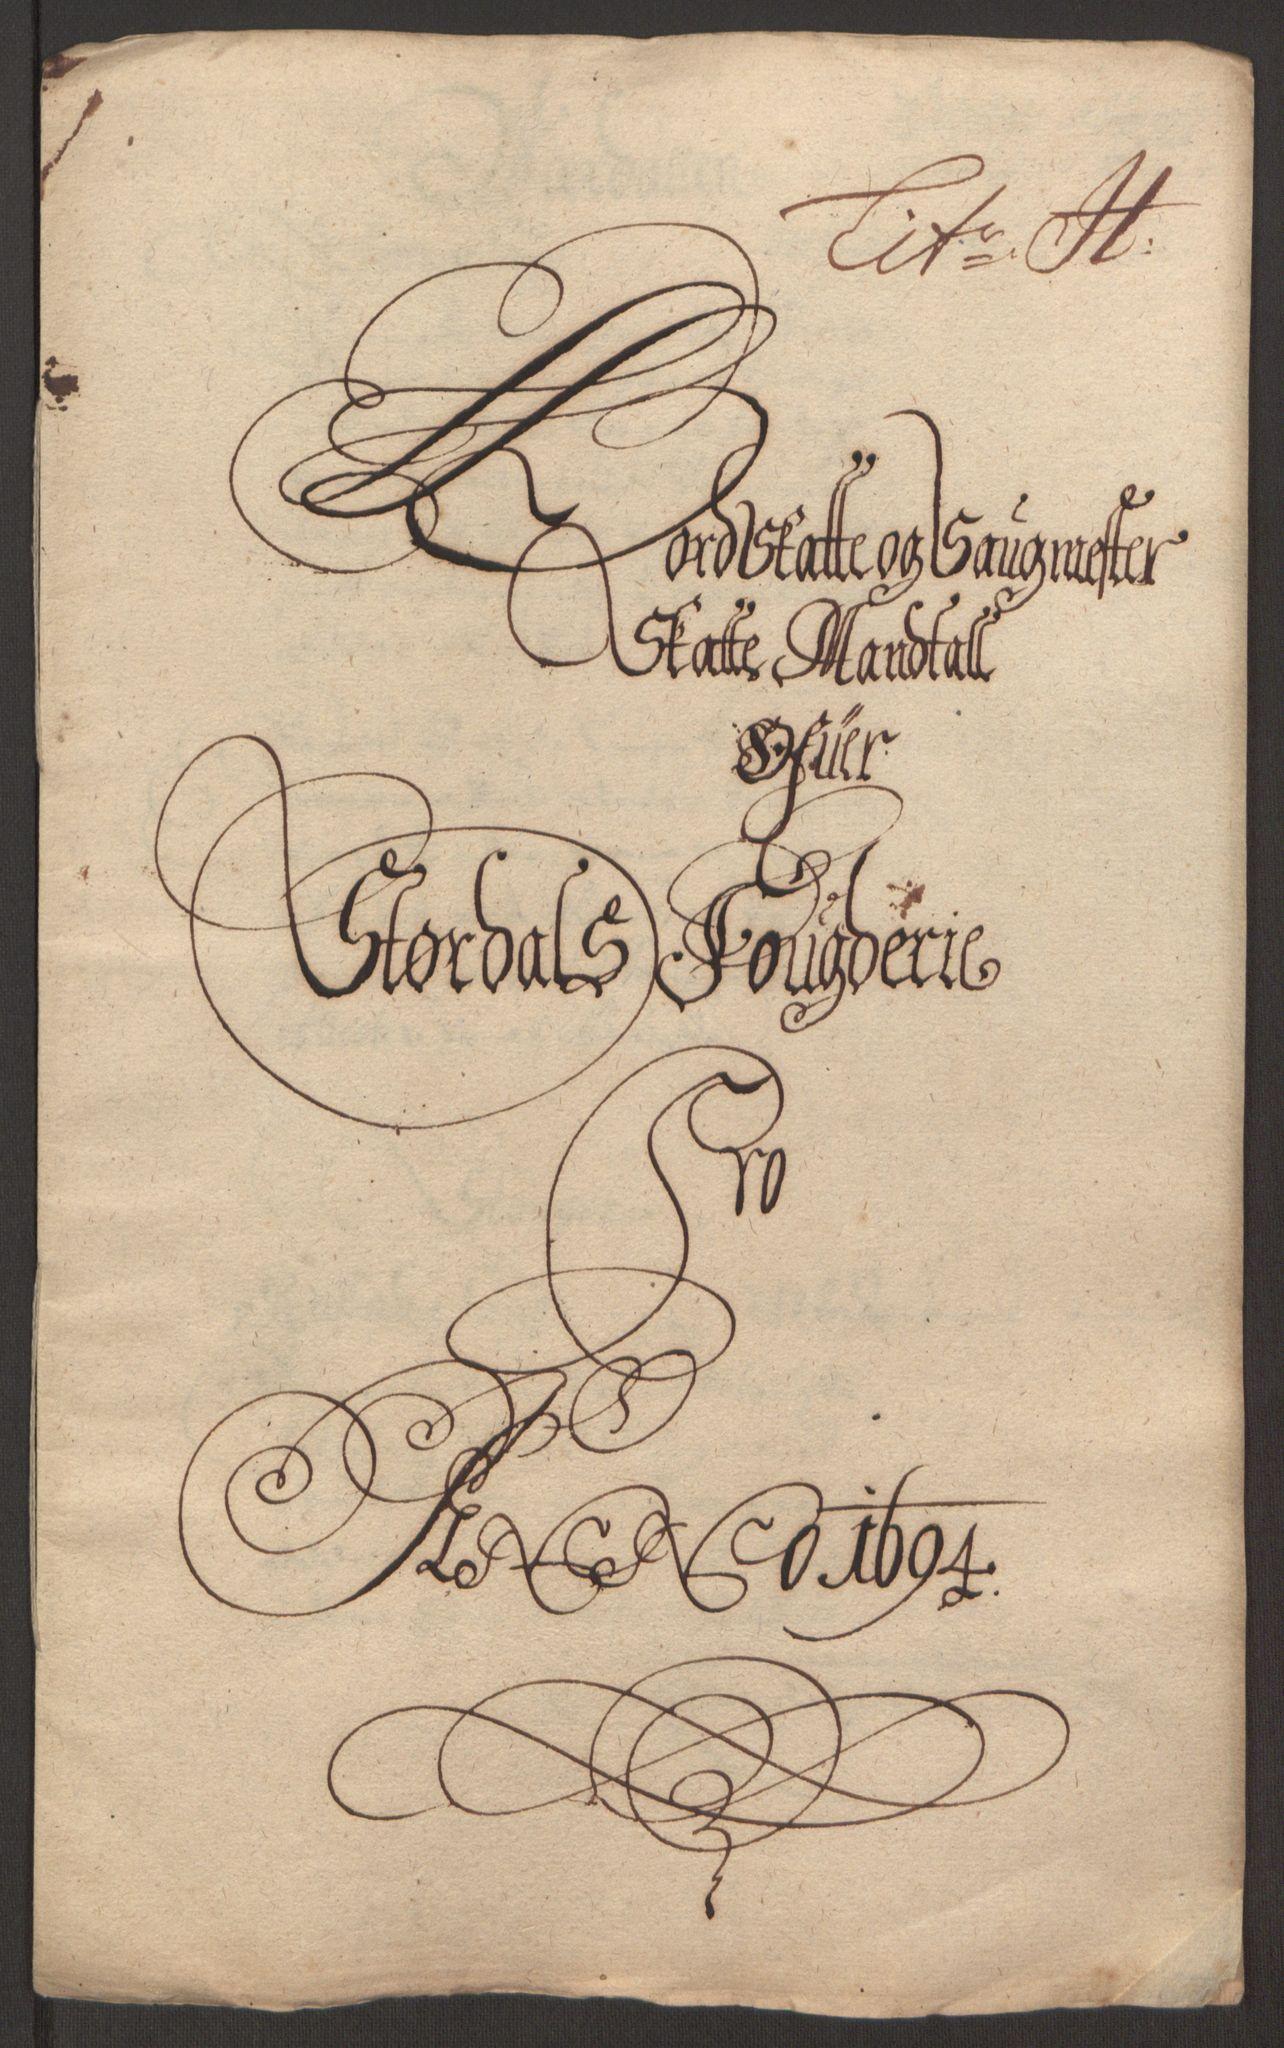 RA, Rentekammeret inntil 1814, Reviderte regnskaper, Fogderegnskap, R62/L4186: Fogderegnskap Stjørdal og Verdal, 1693-1694, s. 232